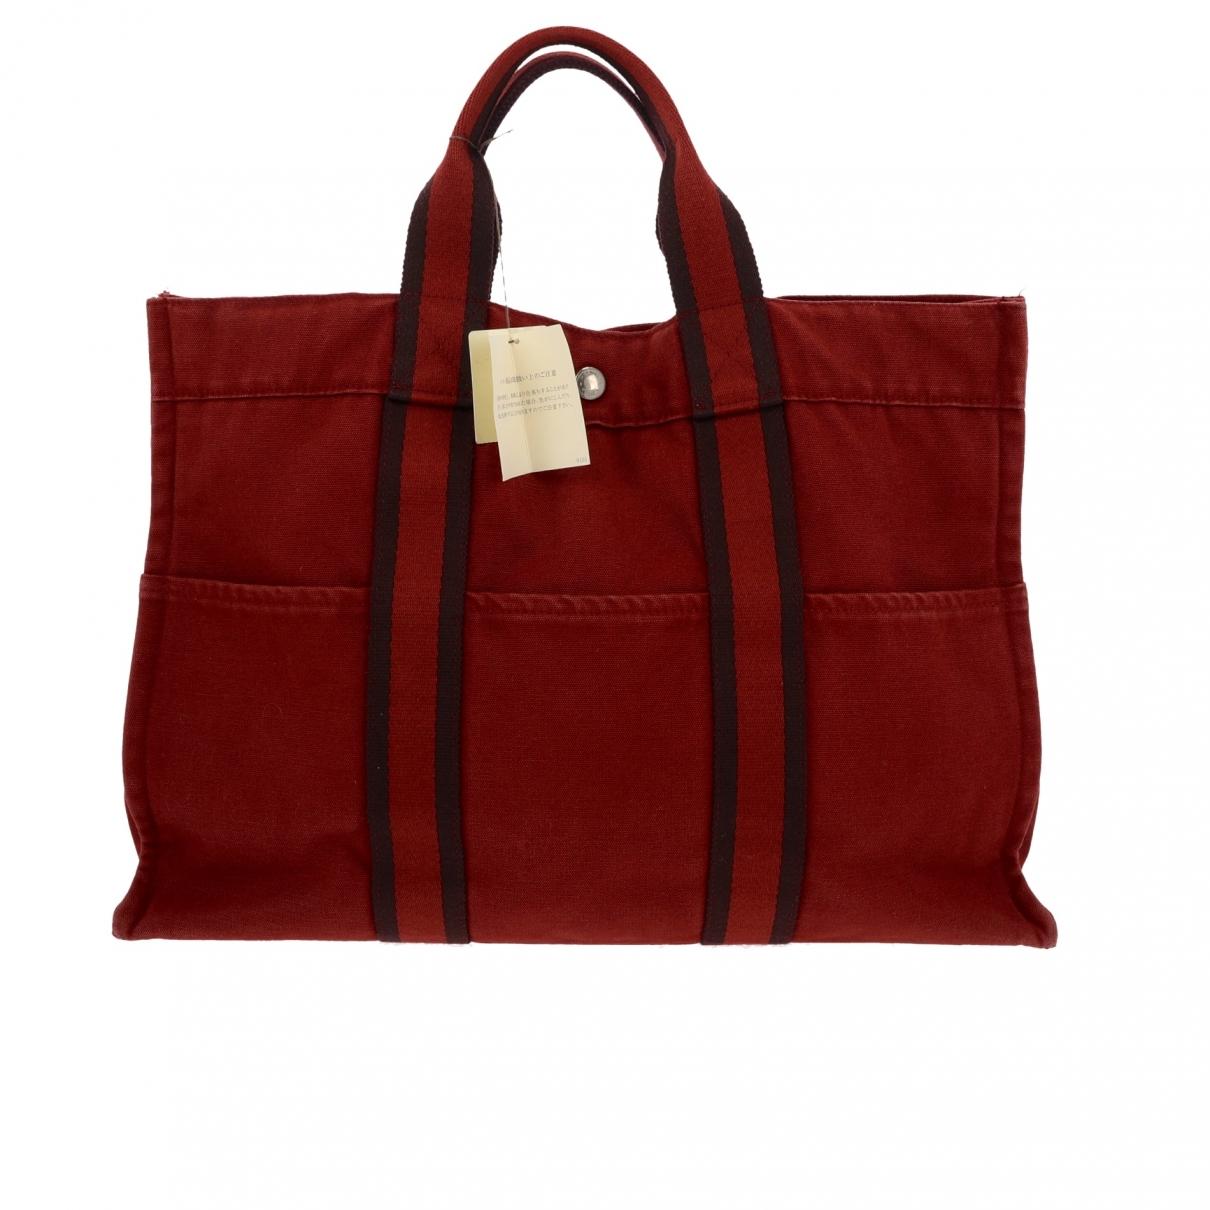 Hermes Toto Handtasche in  Rot Leinen